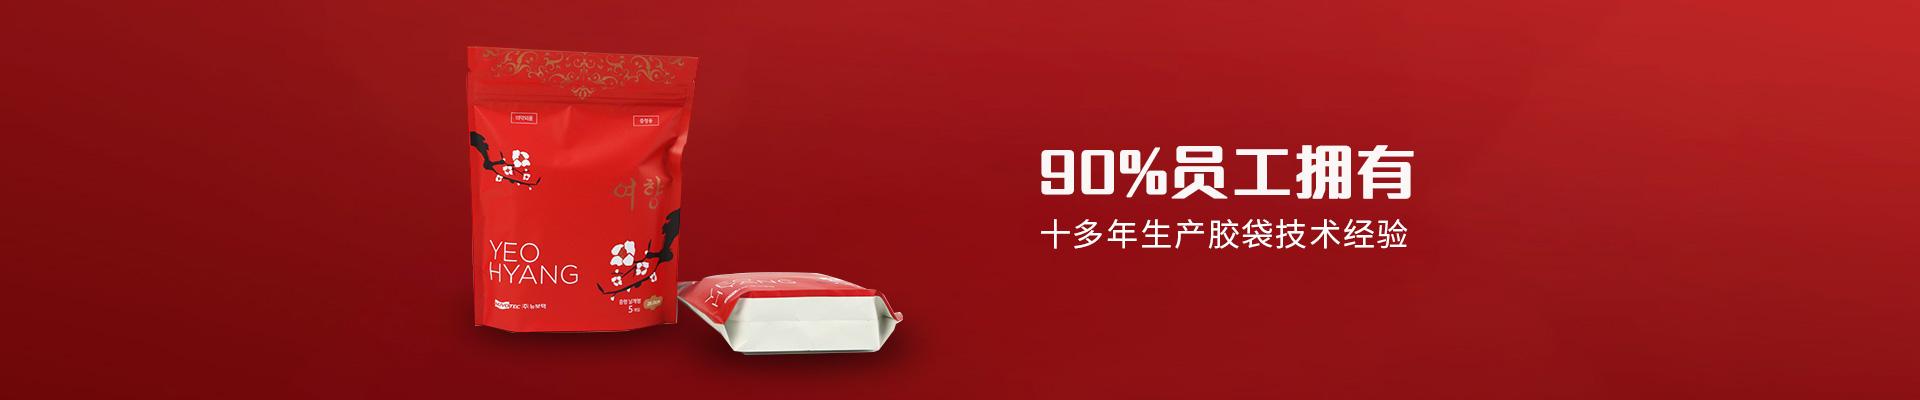 日山红--90%员工拥有十多年生产胶带技术经验 做工精良